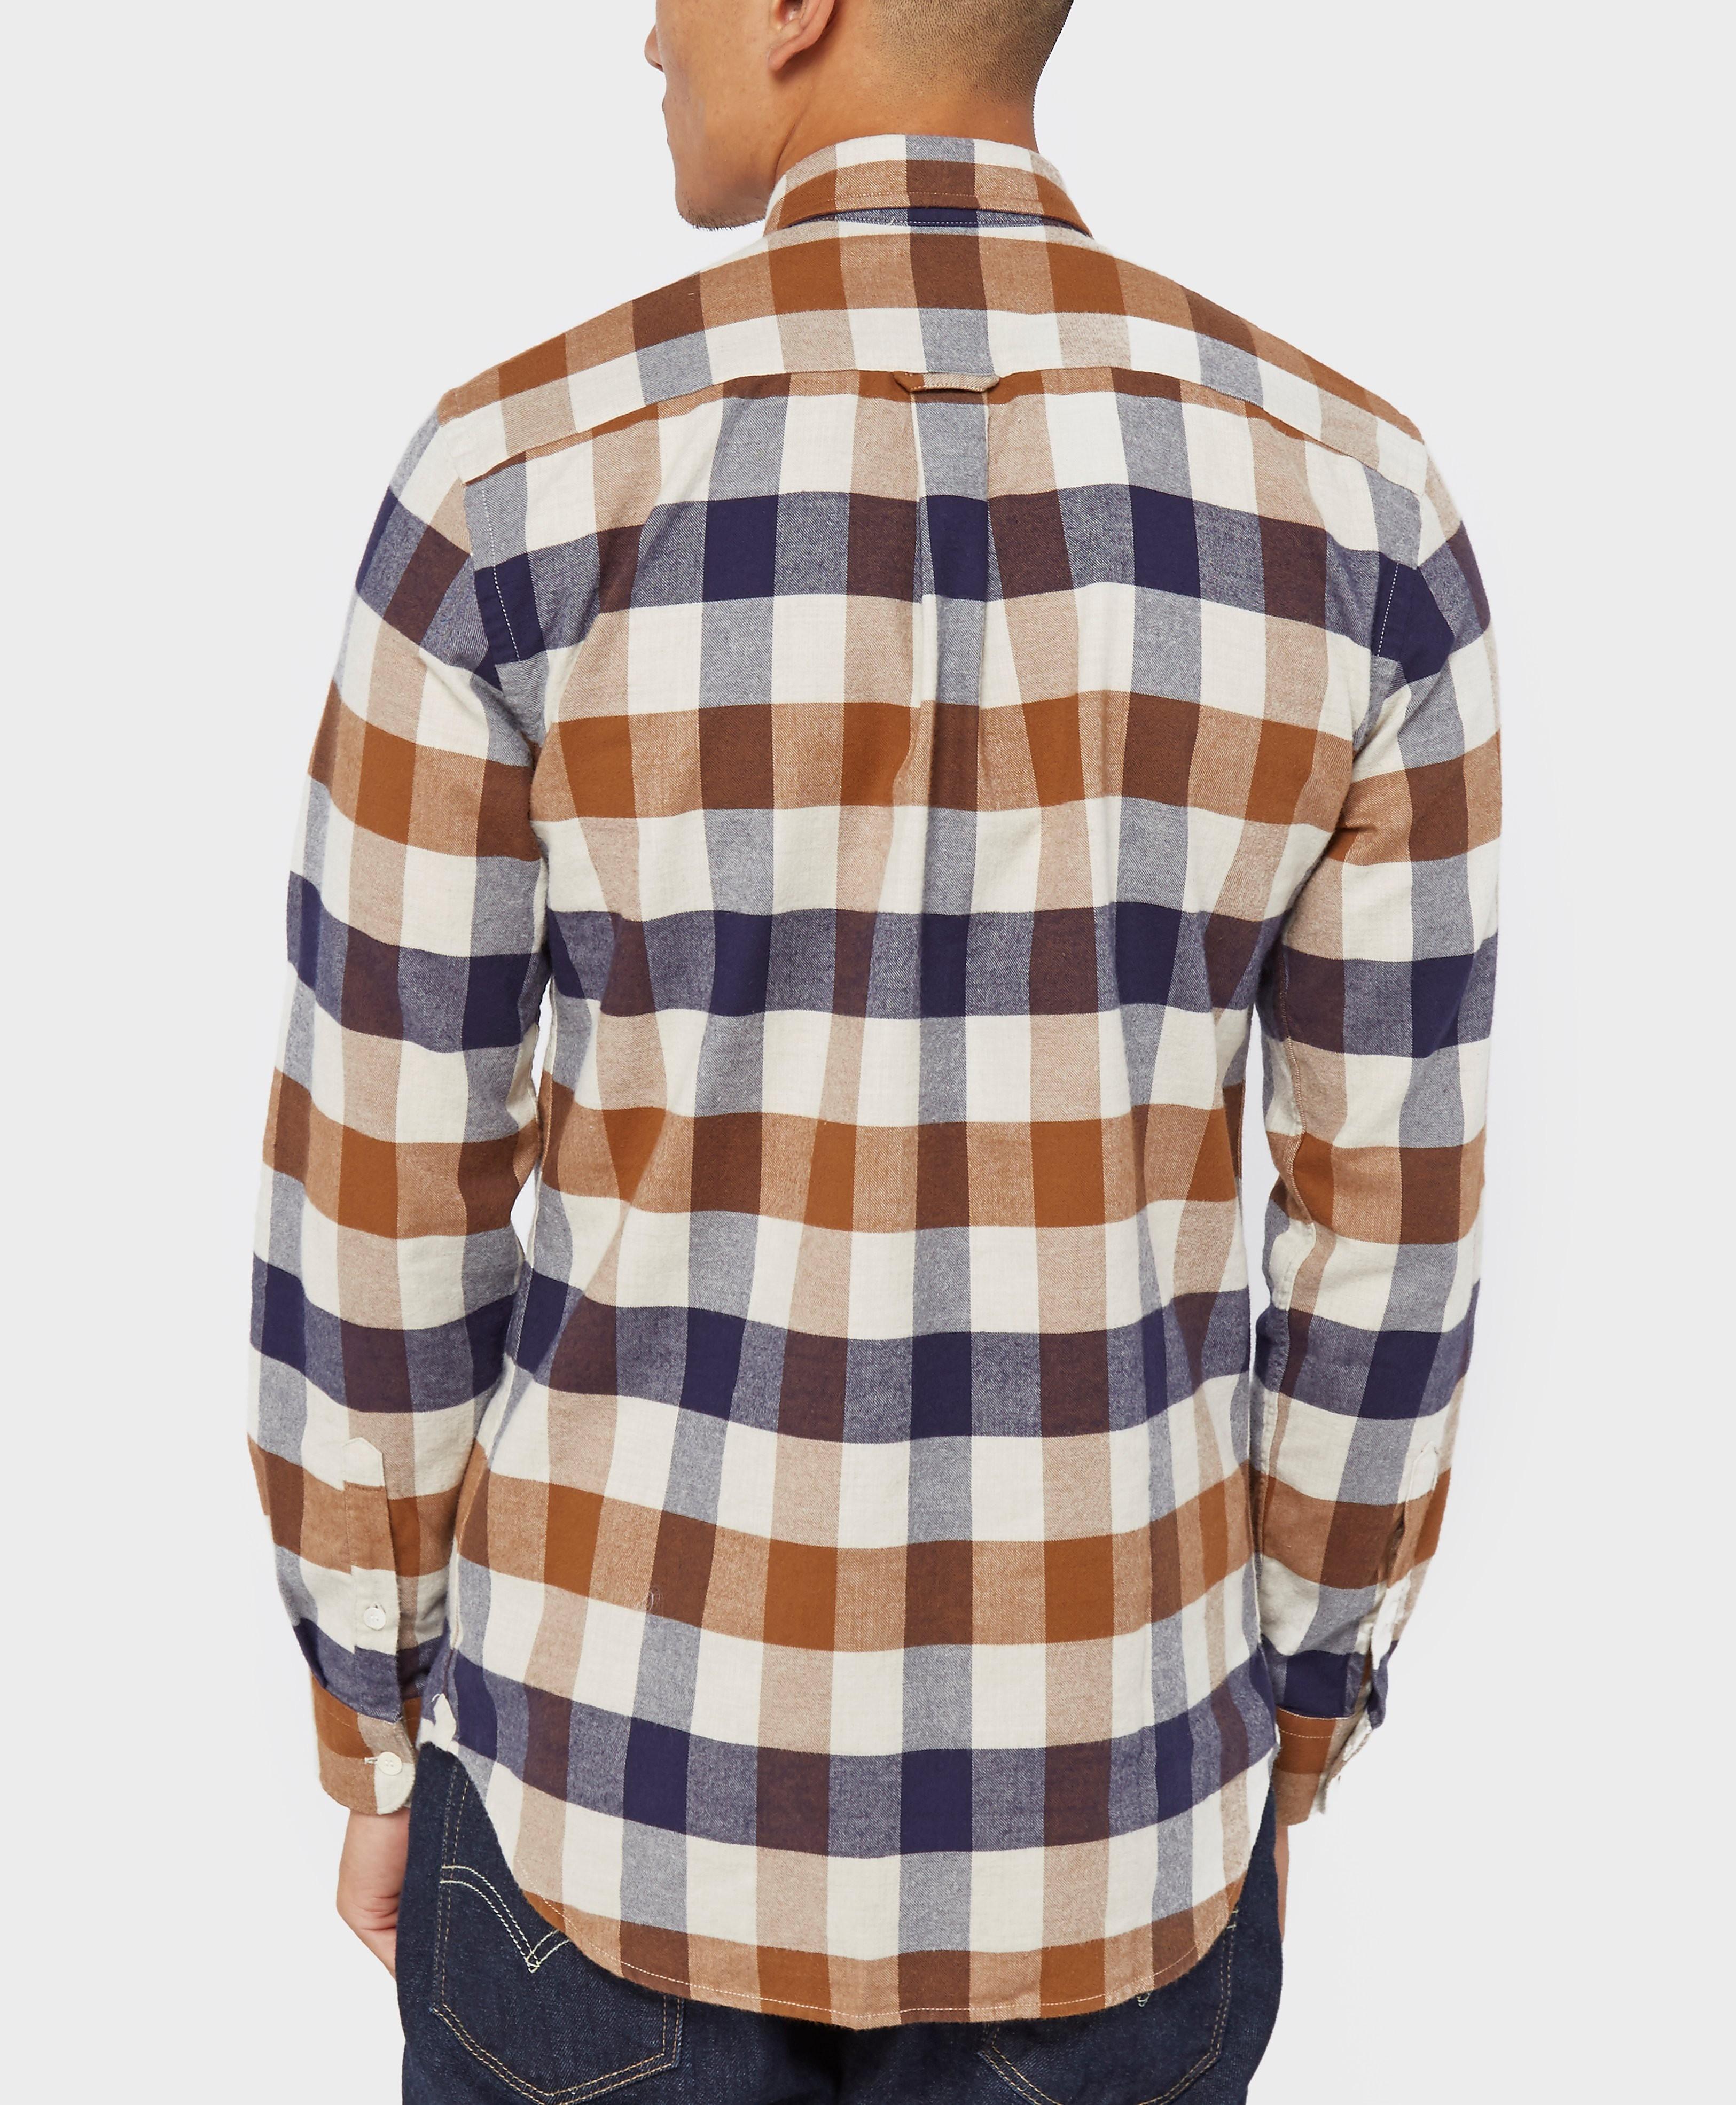 Aquascutum Marcus Checked Shirt